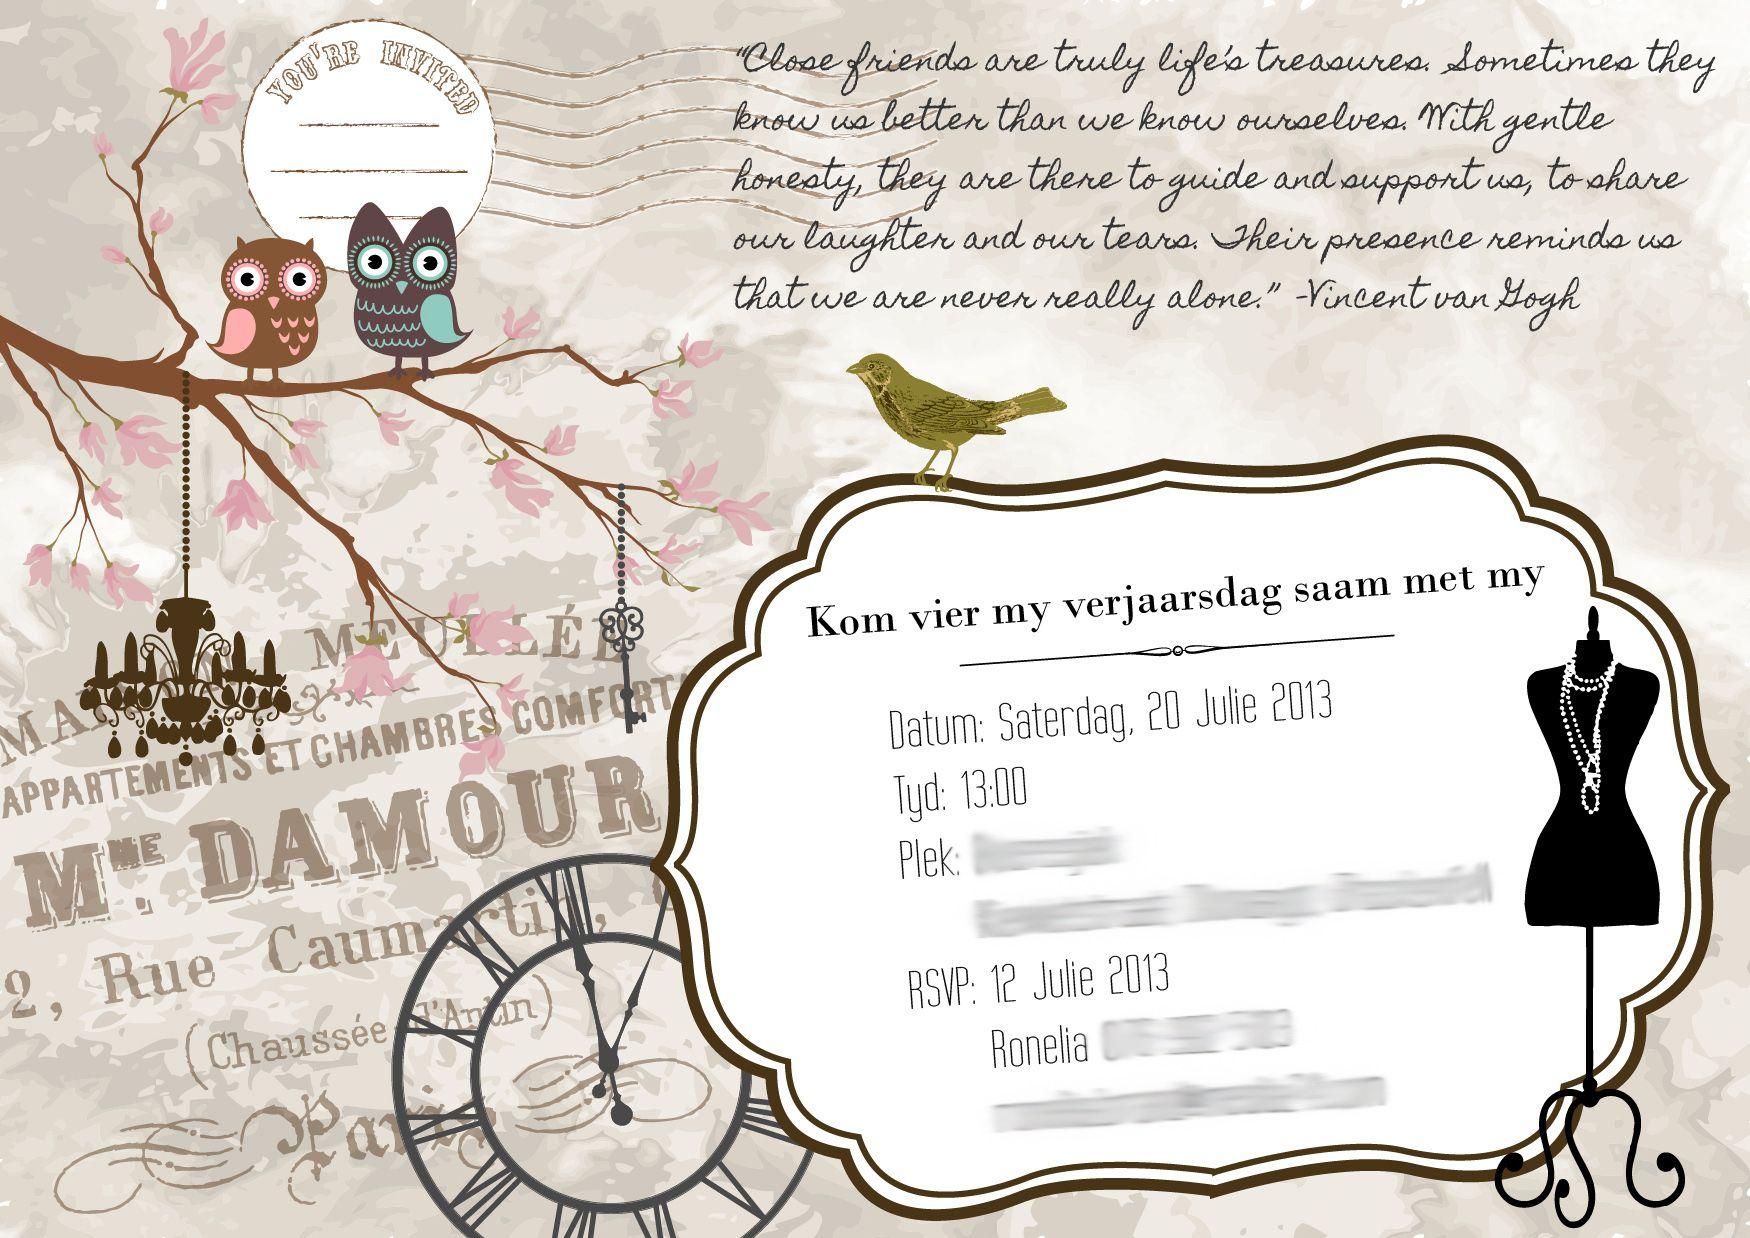 Ladies Party invite. Copyright Equest Design